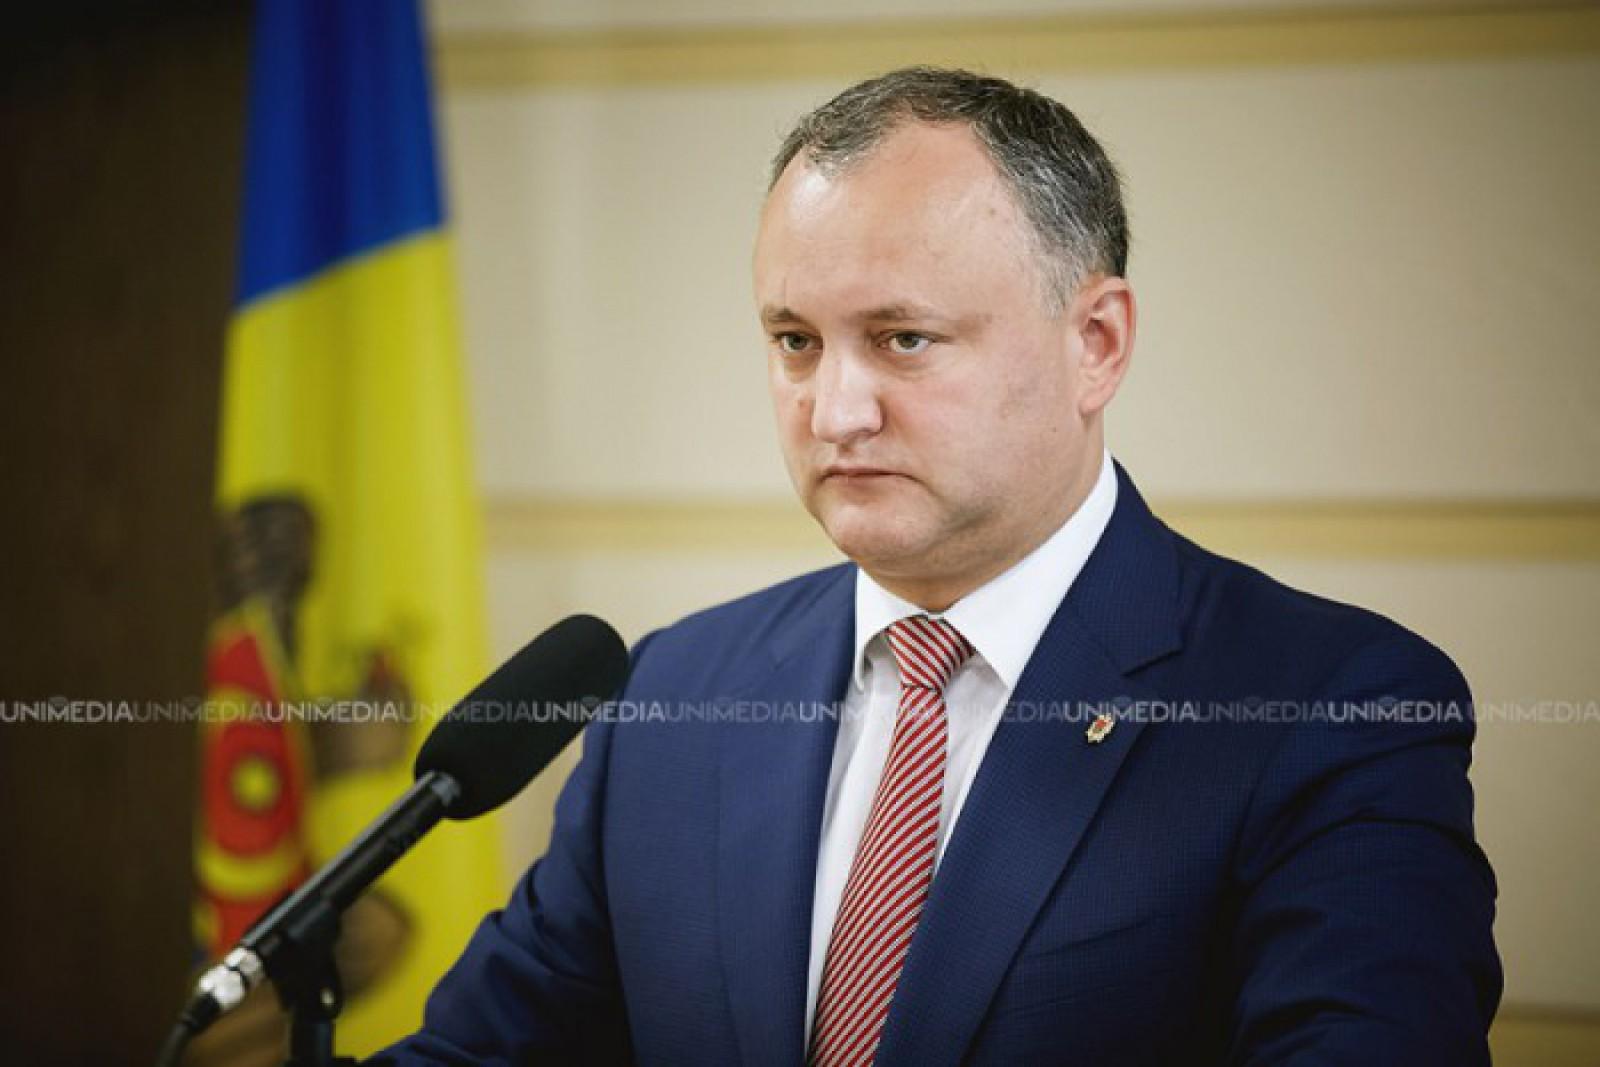 Va semna sau nu Igor Dodon decretul de numire al Victoriei Iftodi la funcția de Ministru al Justiției